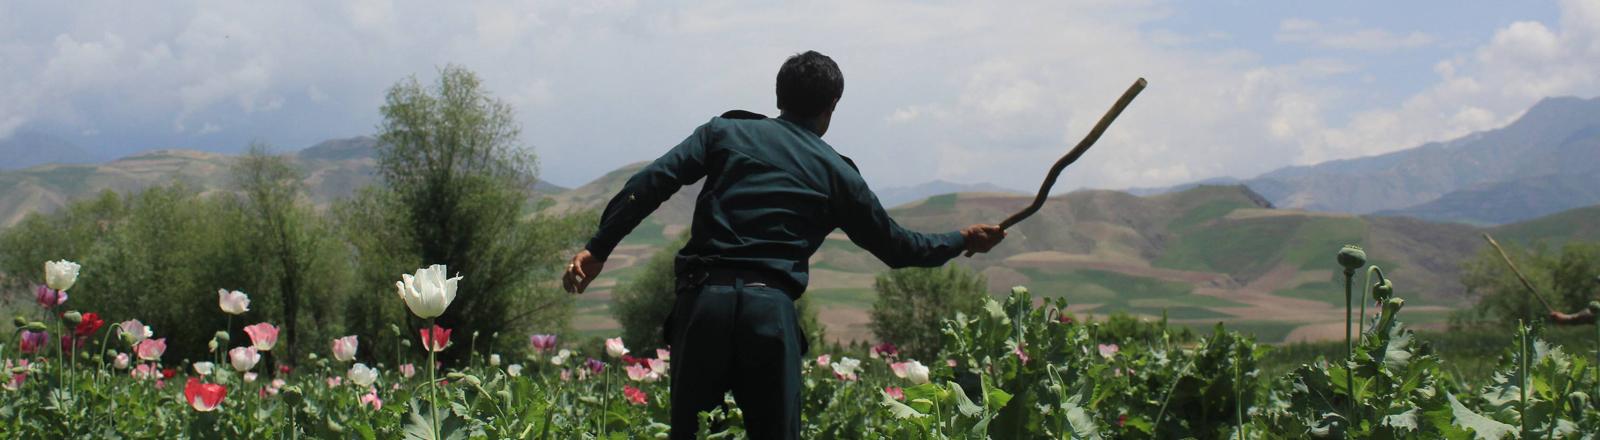 Ein Mann auf einem Opiumfeld in Afghanistan